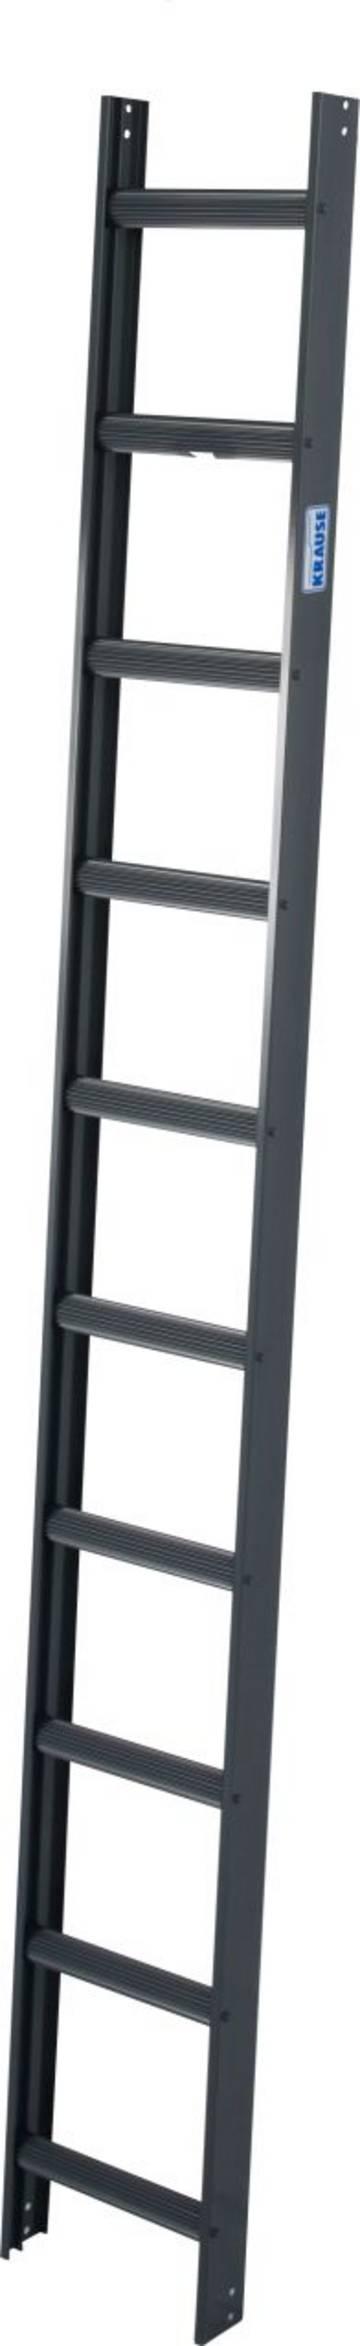 Алюминиевые стационарные лестницы могут оставаться на крыше длительное время.